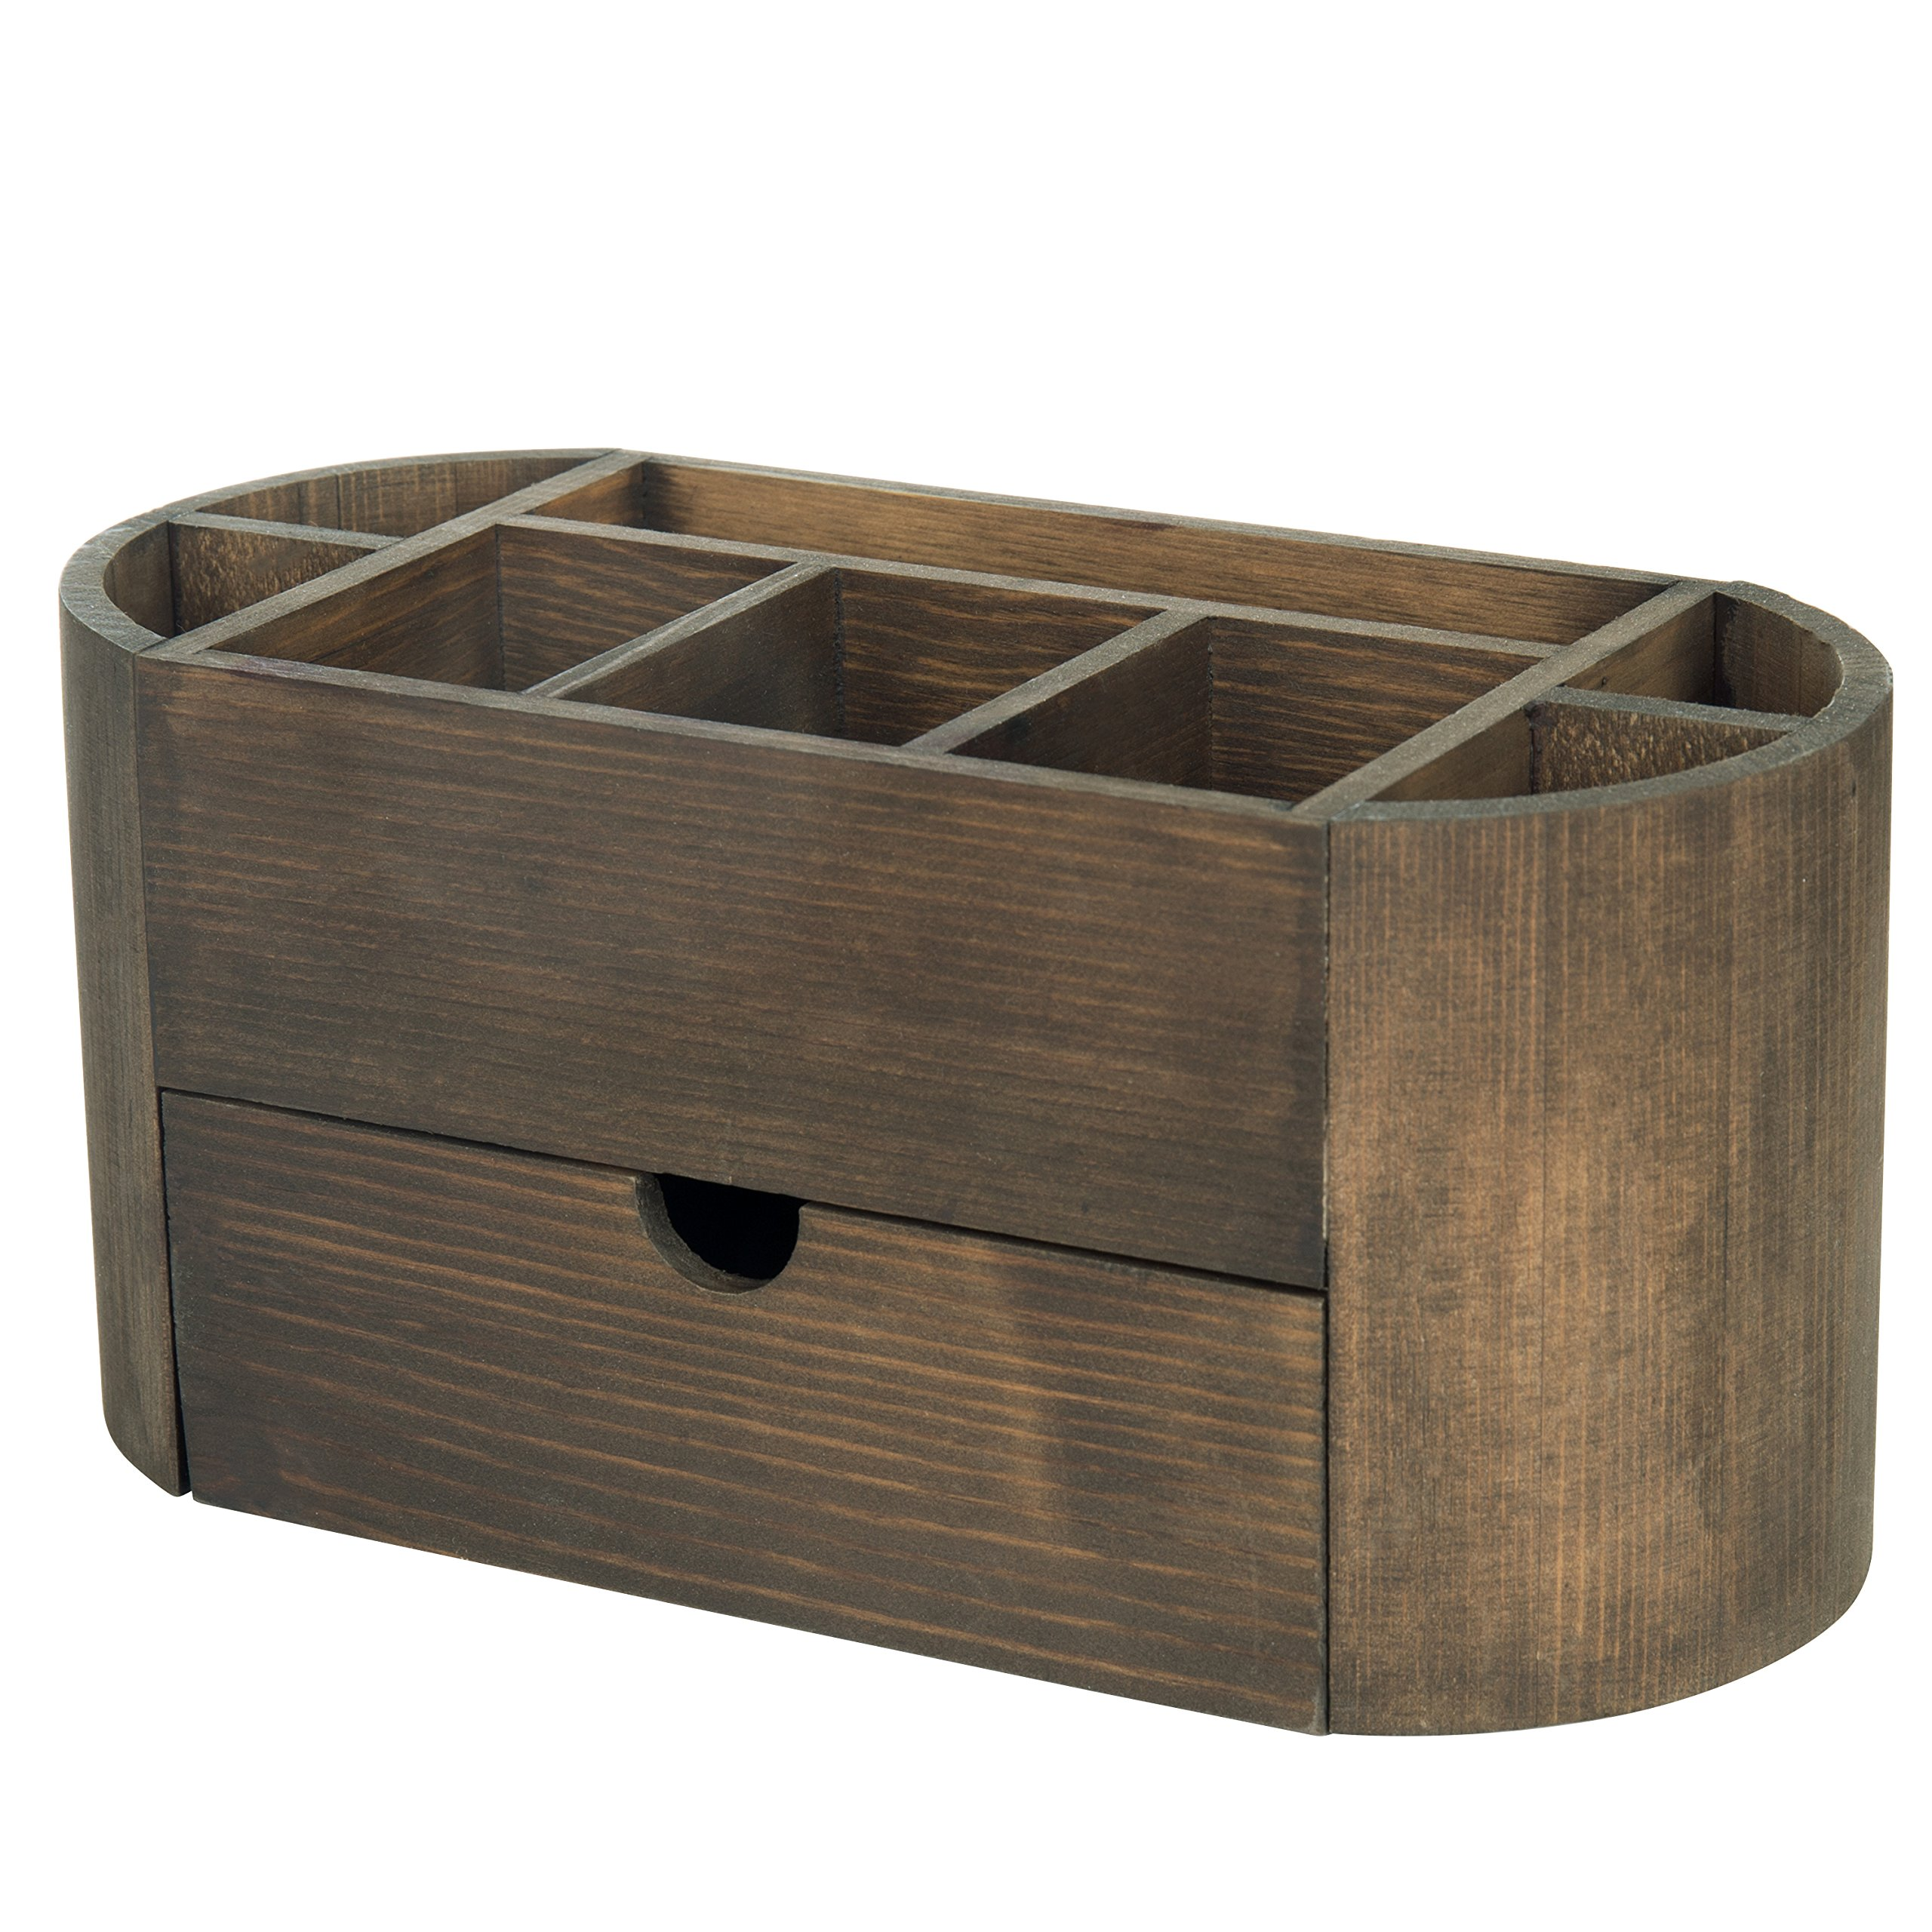 Dark Brown Wood Desktop Office Supplies Organizer with 8 Compartments & Storage Drawer